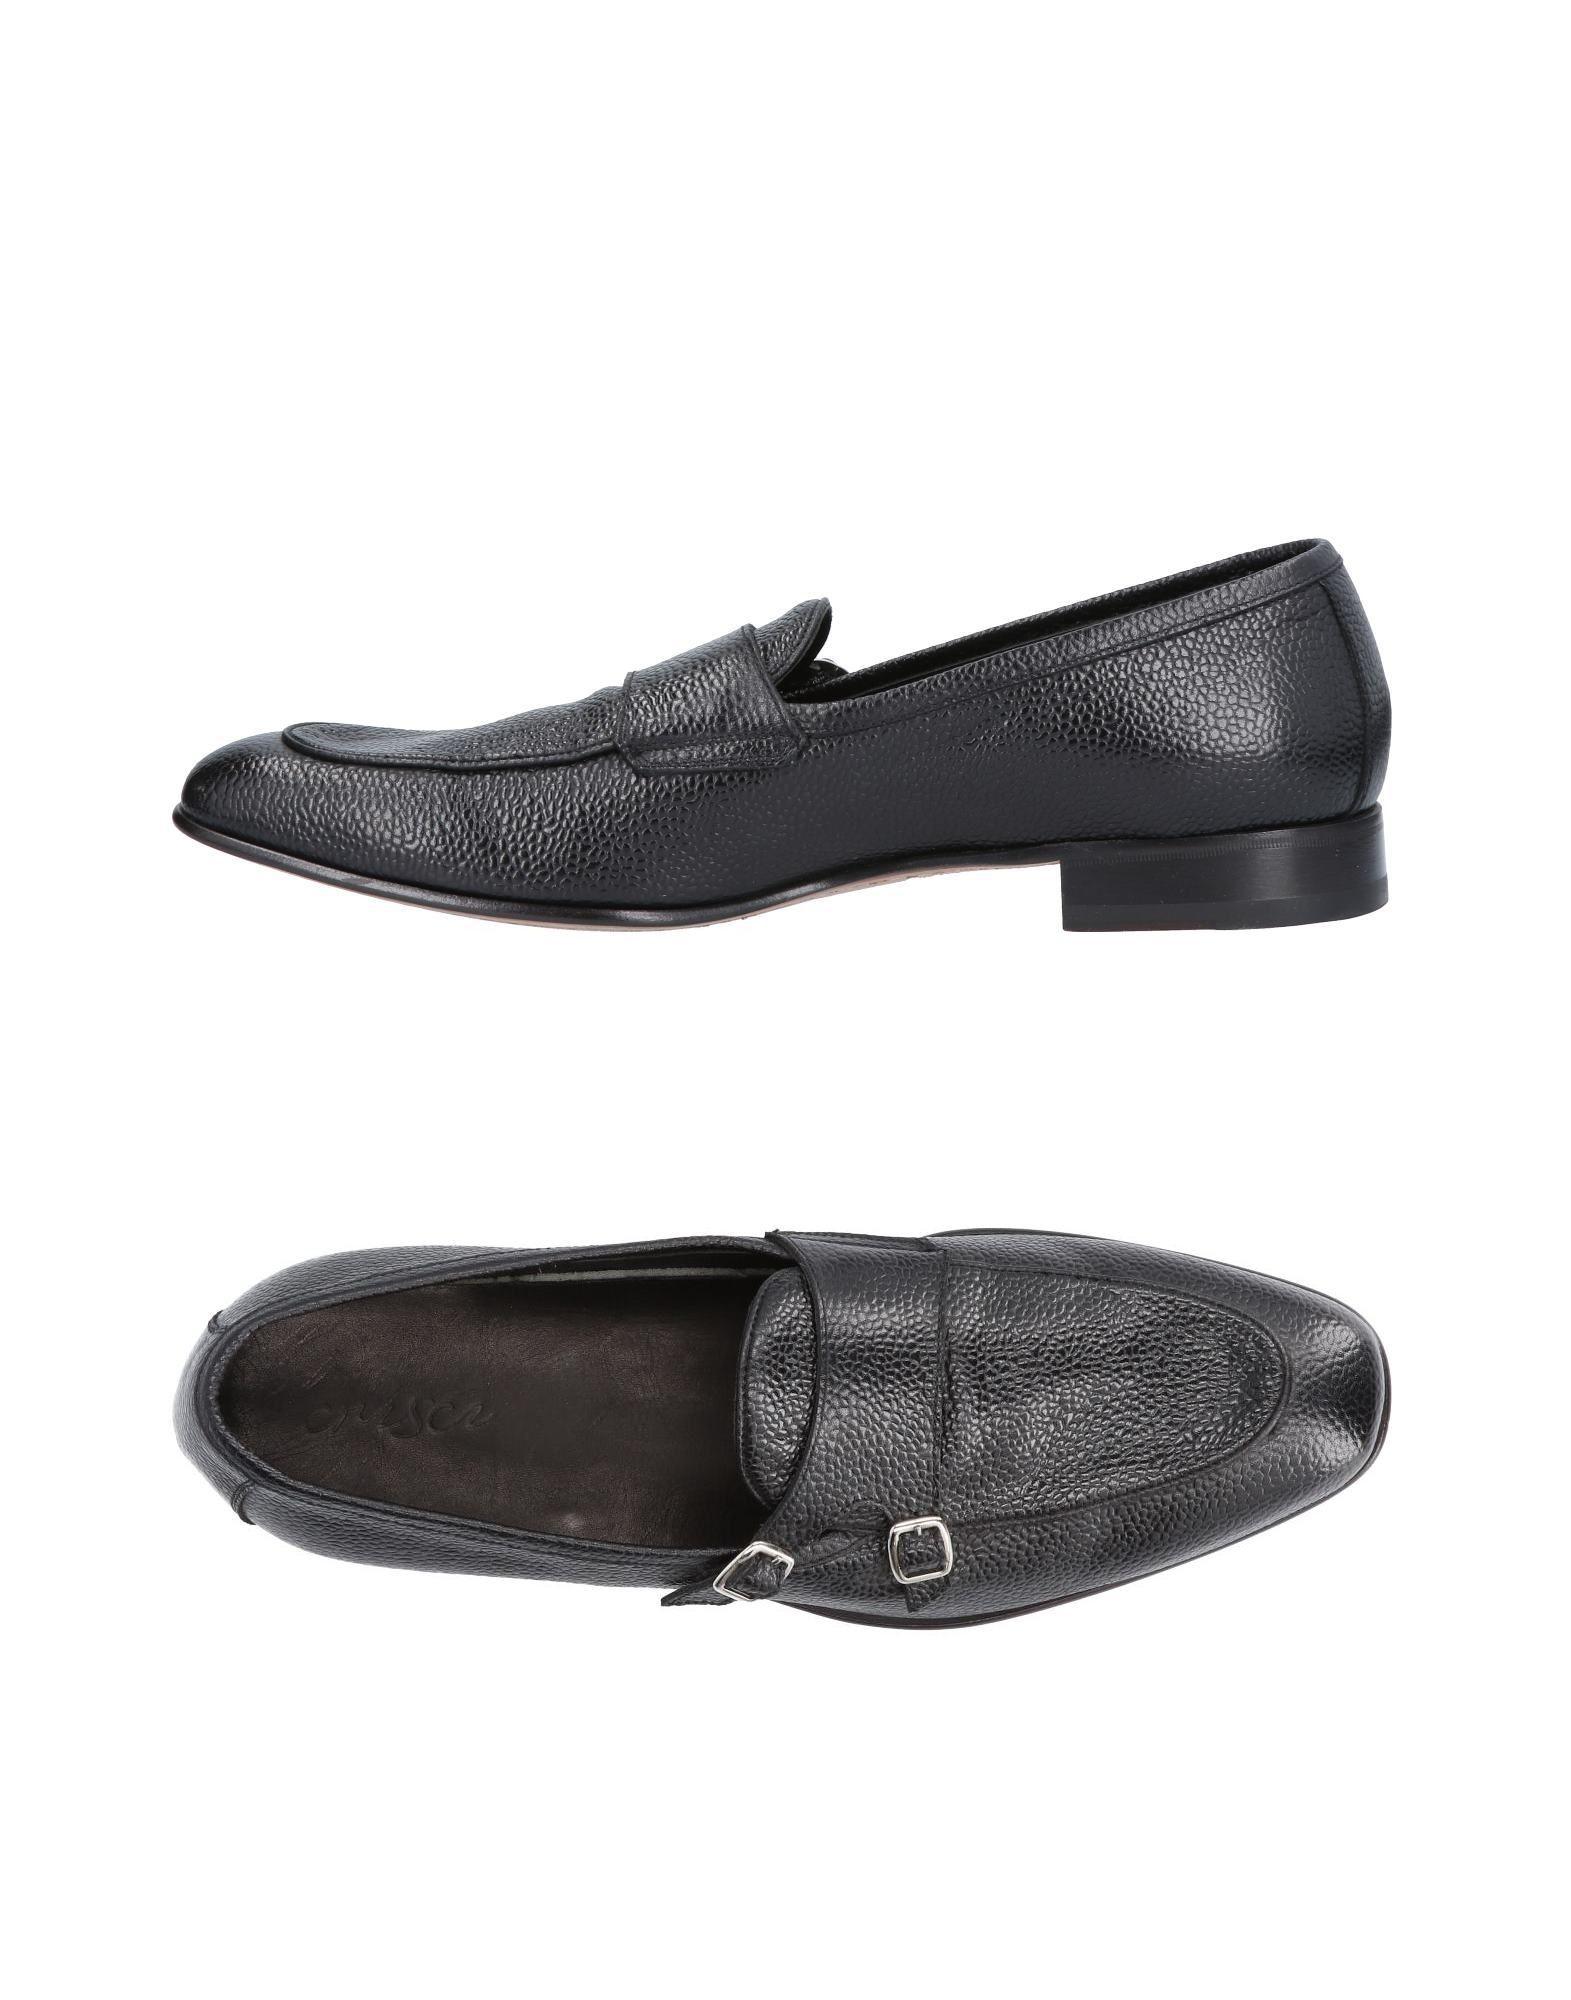 Crisci Mokassins Herren  11435228AM Gute Qualität beliebte Schuhe